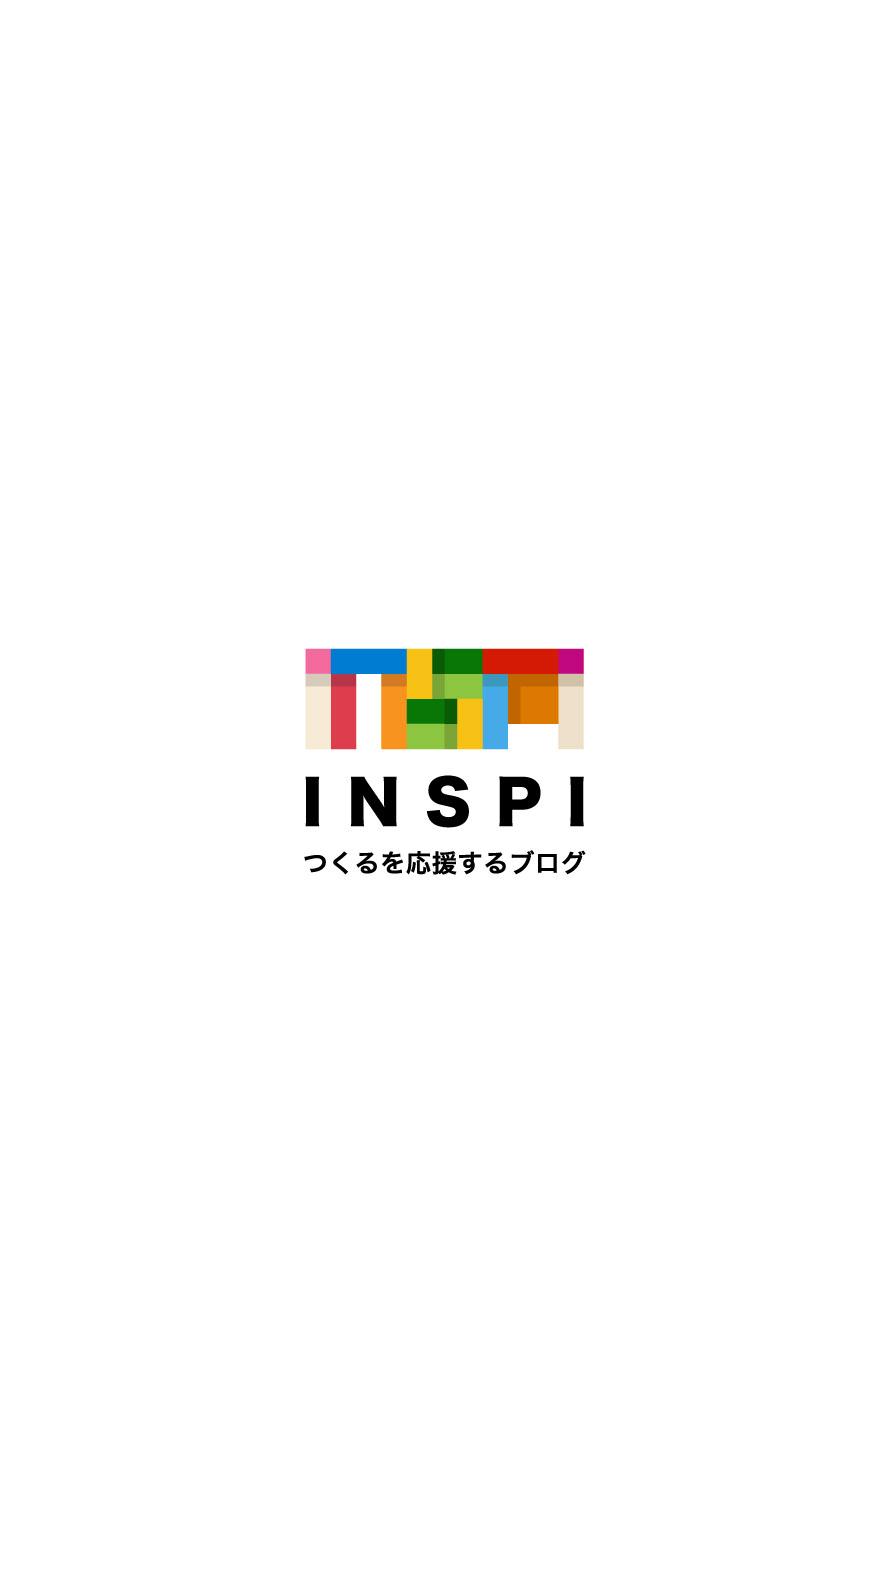 inspi_block_iphone6